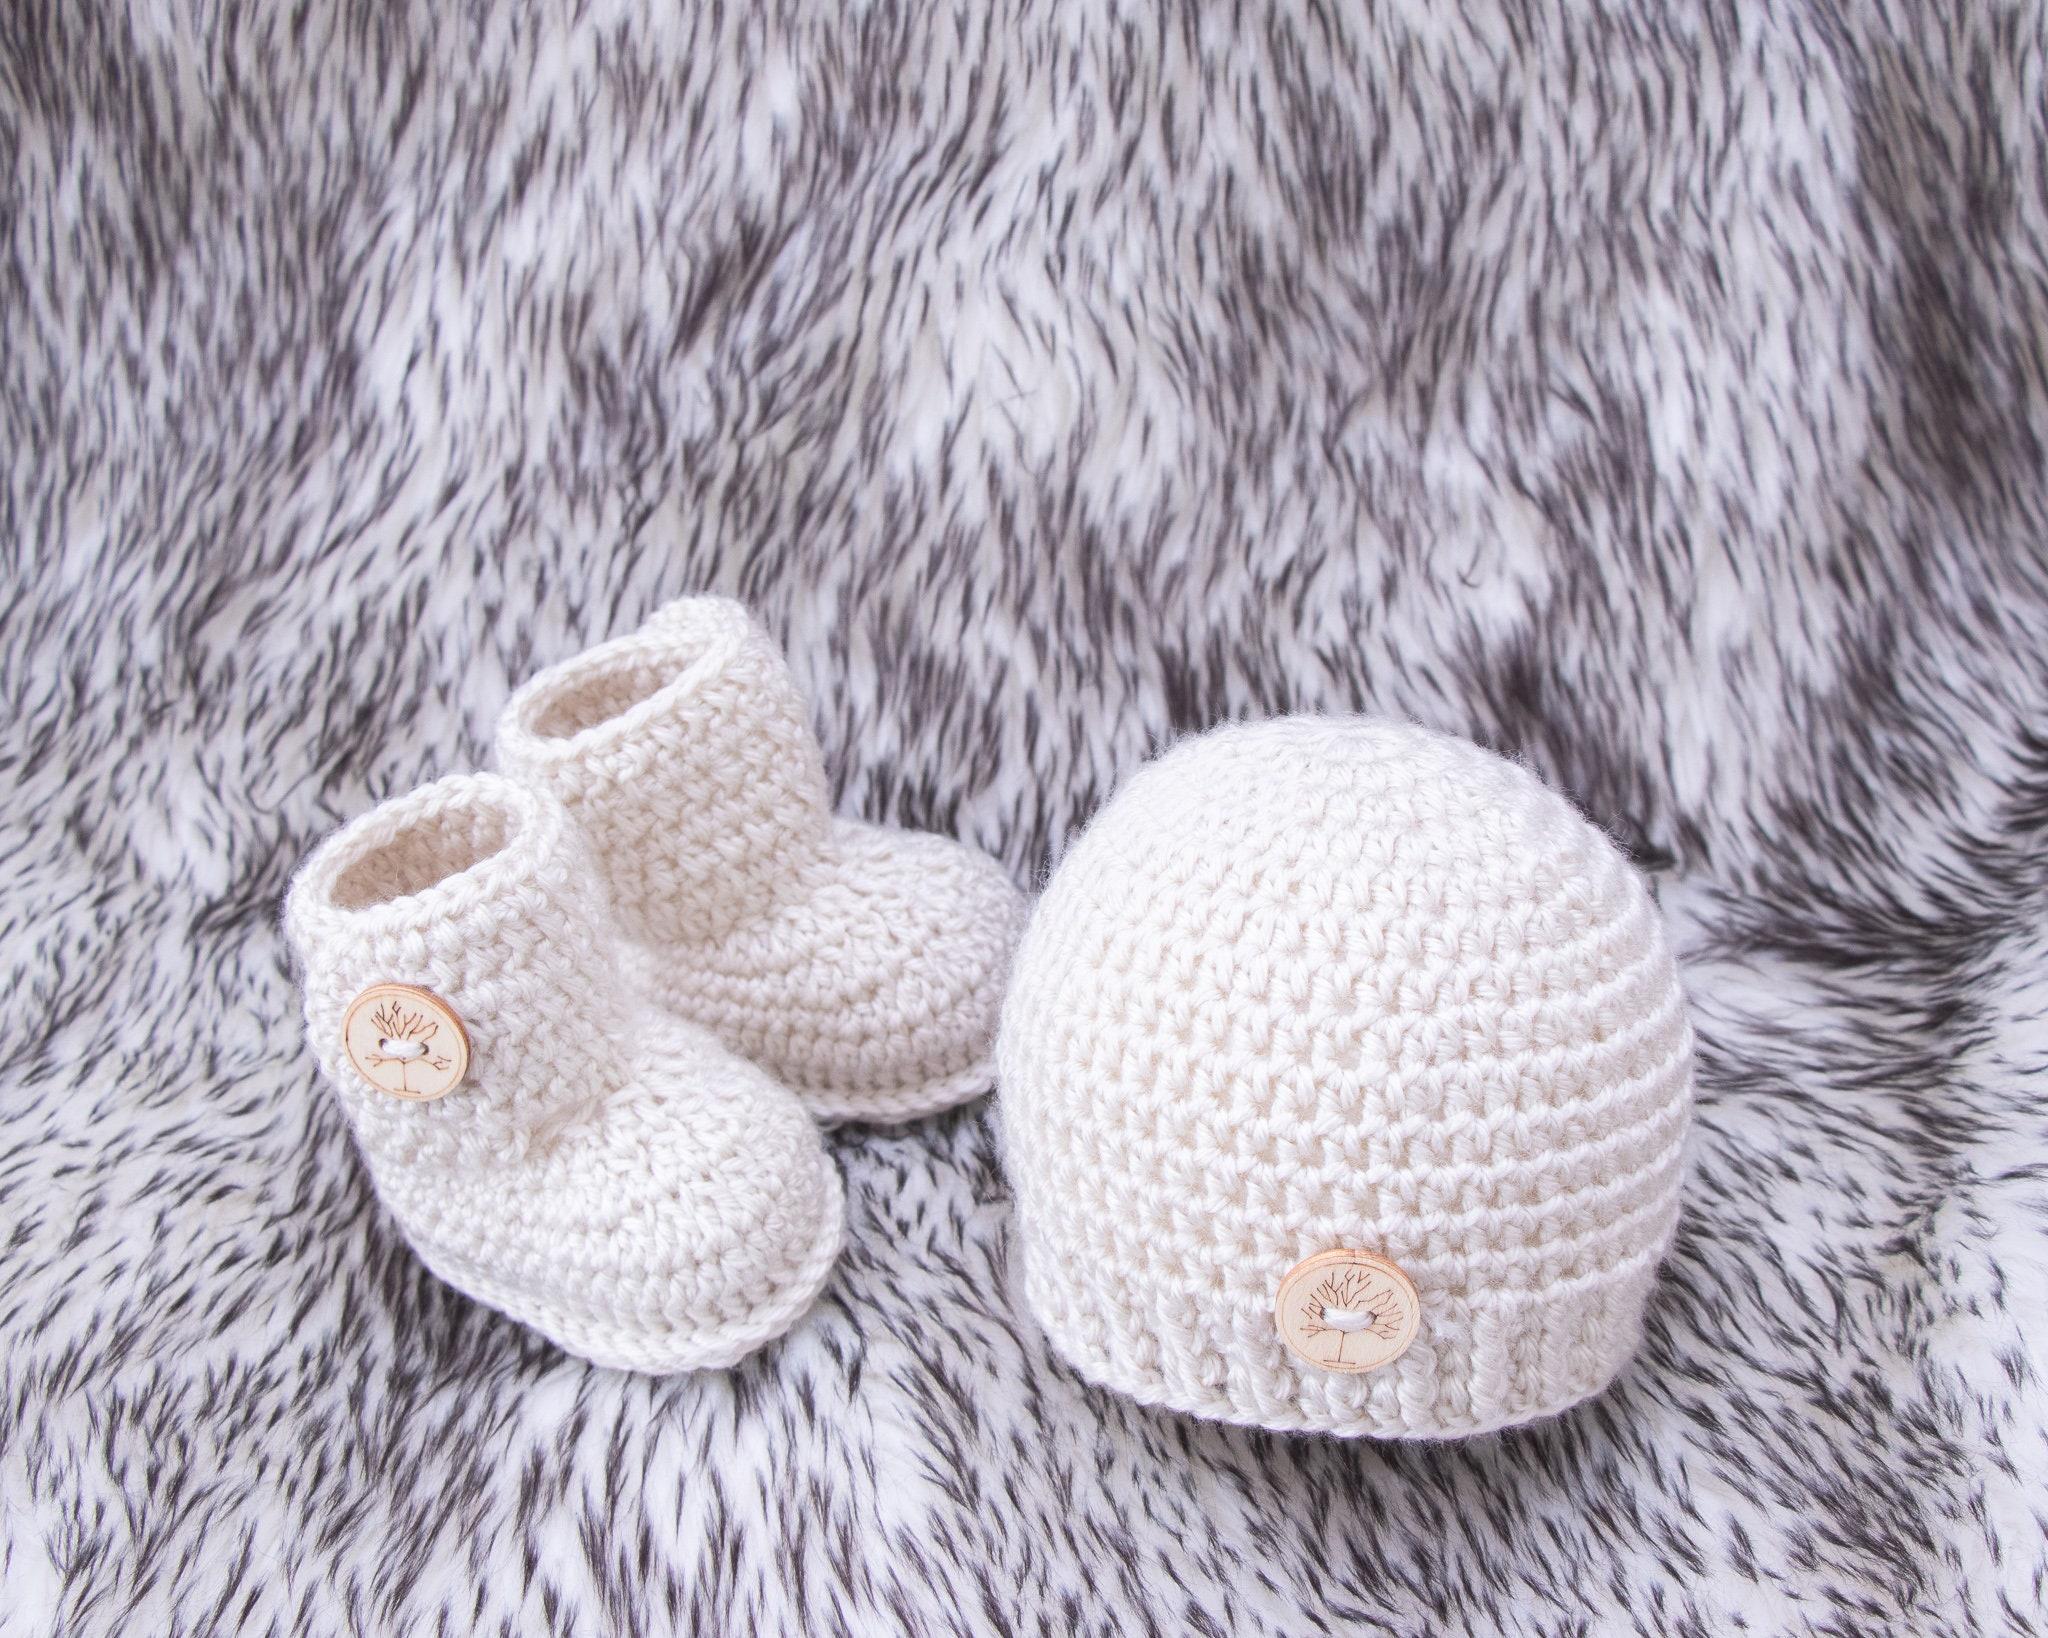 Crochet baby set, Baby booties, Baby